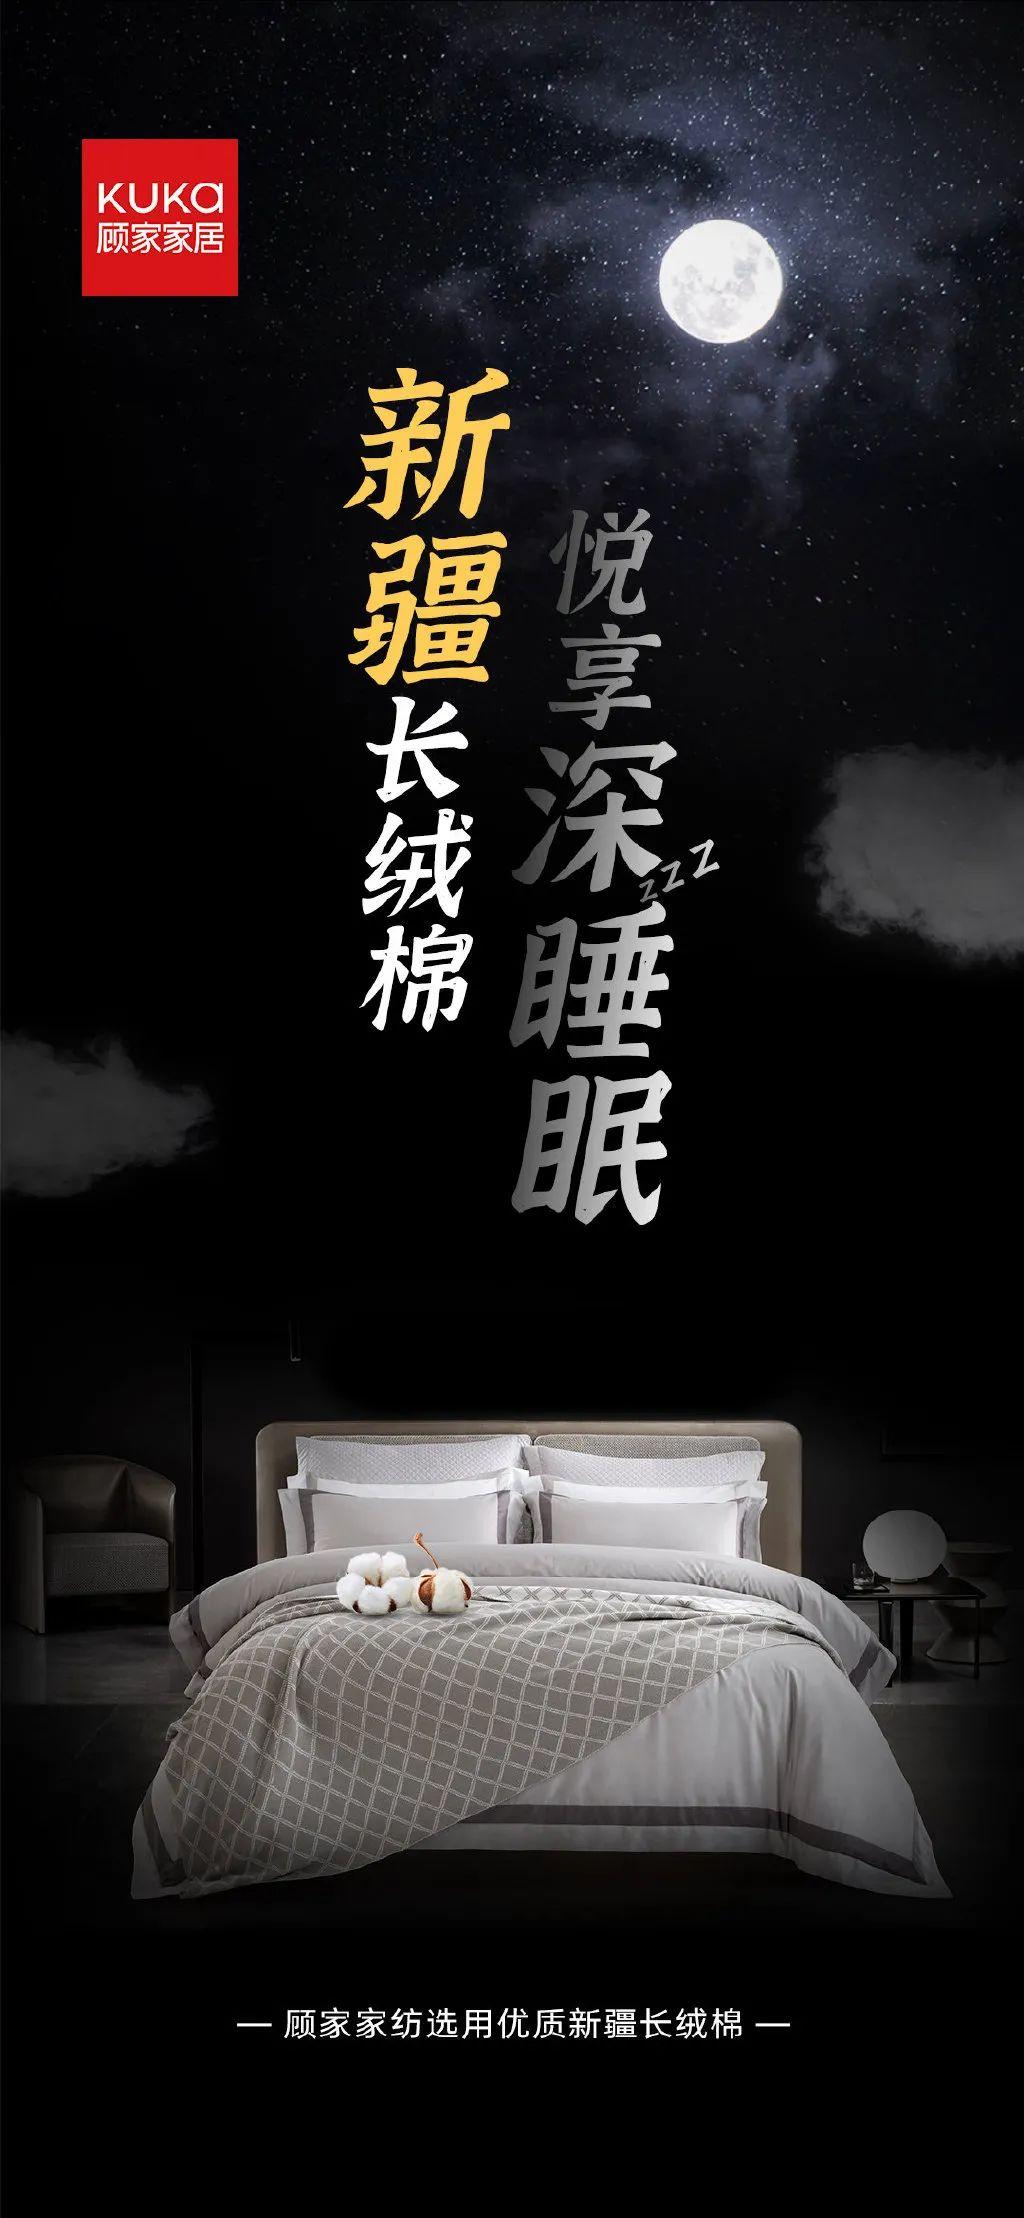 借势支持新疆棉花文案!国产品牌文案欣赏:新疆棉在身,中国情在心!插图2